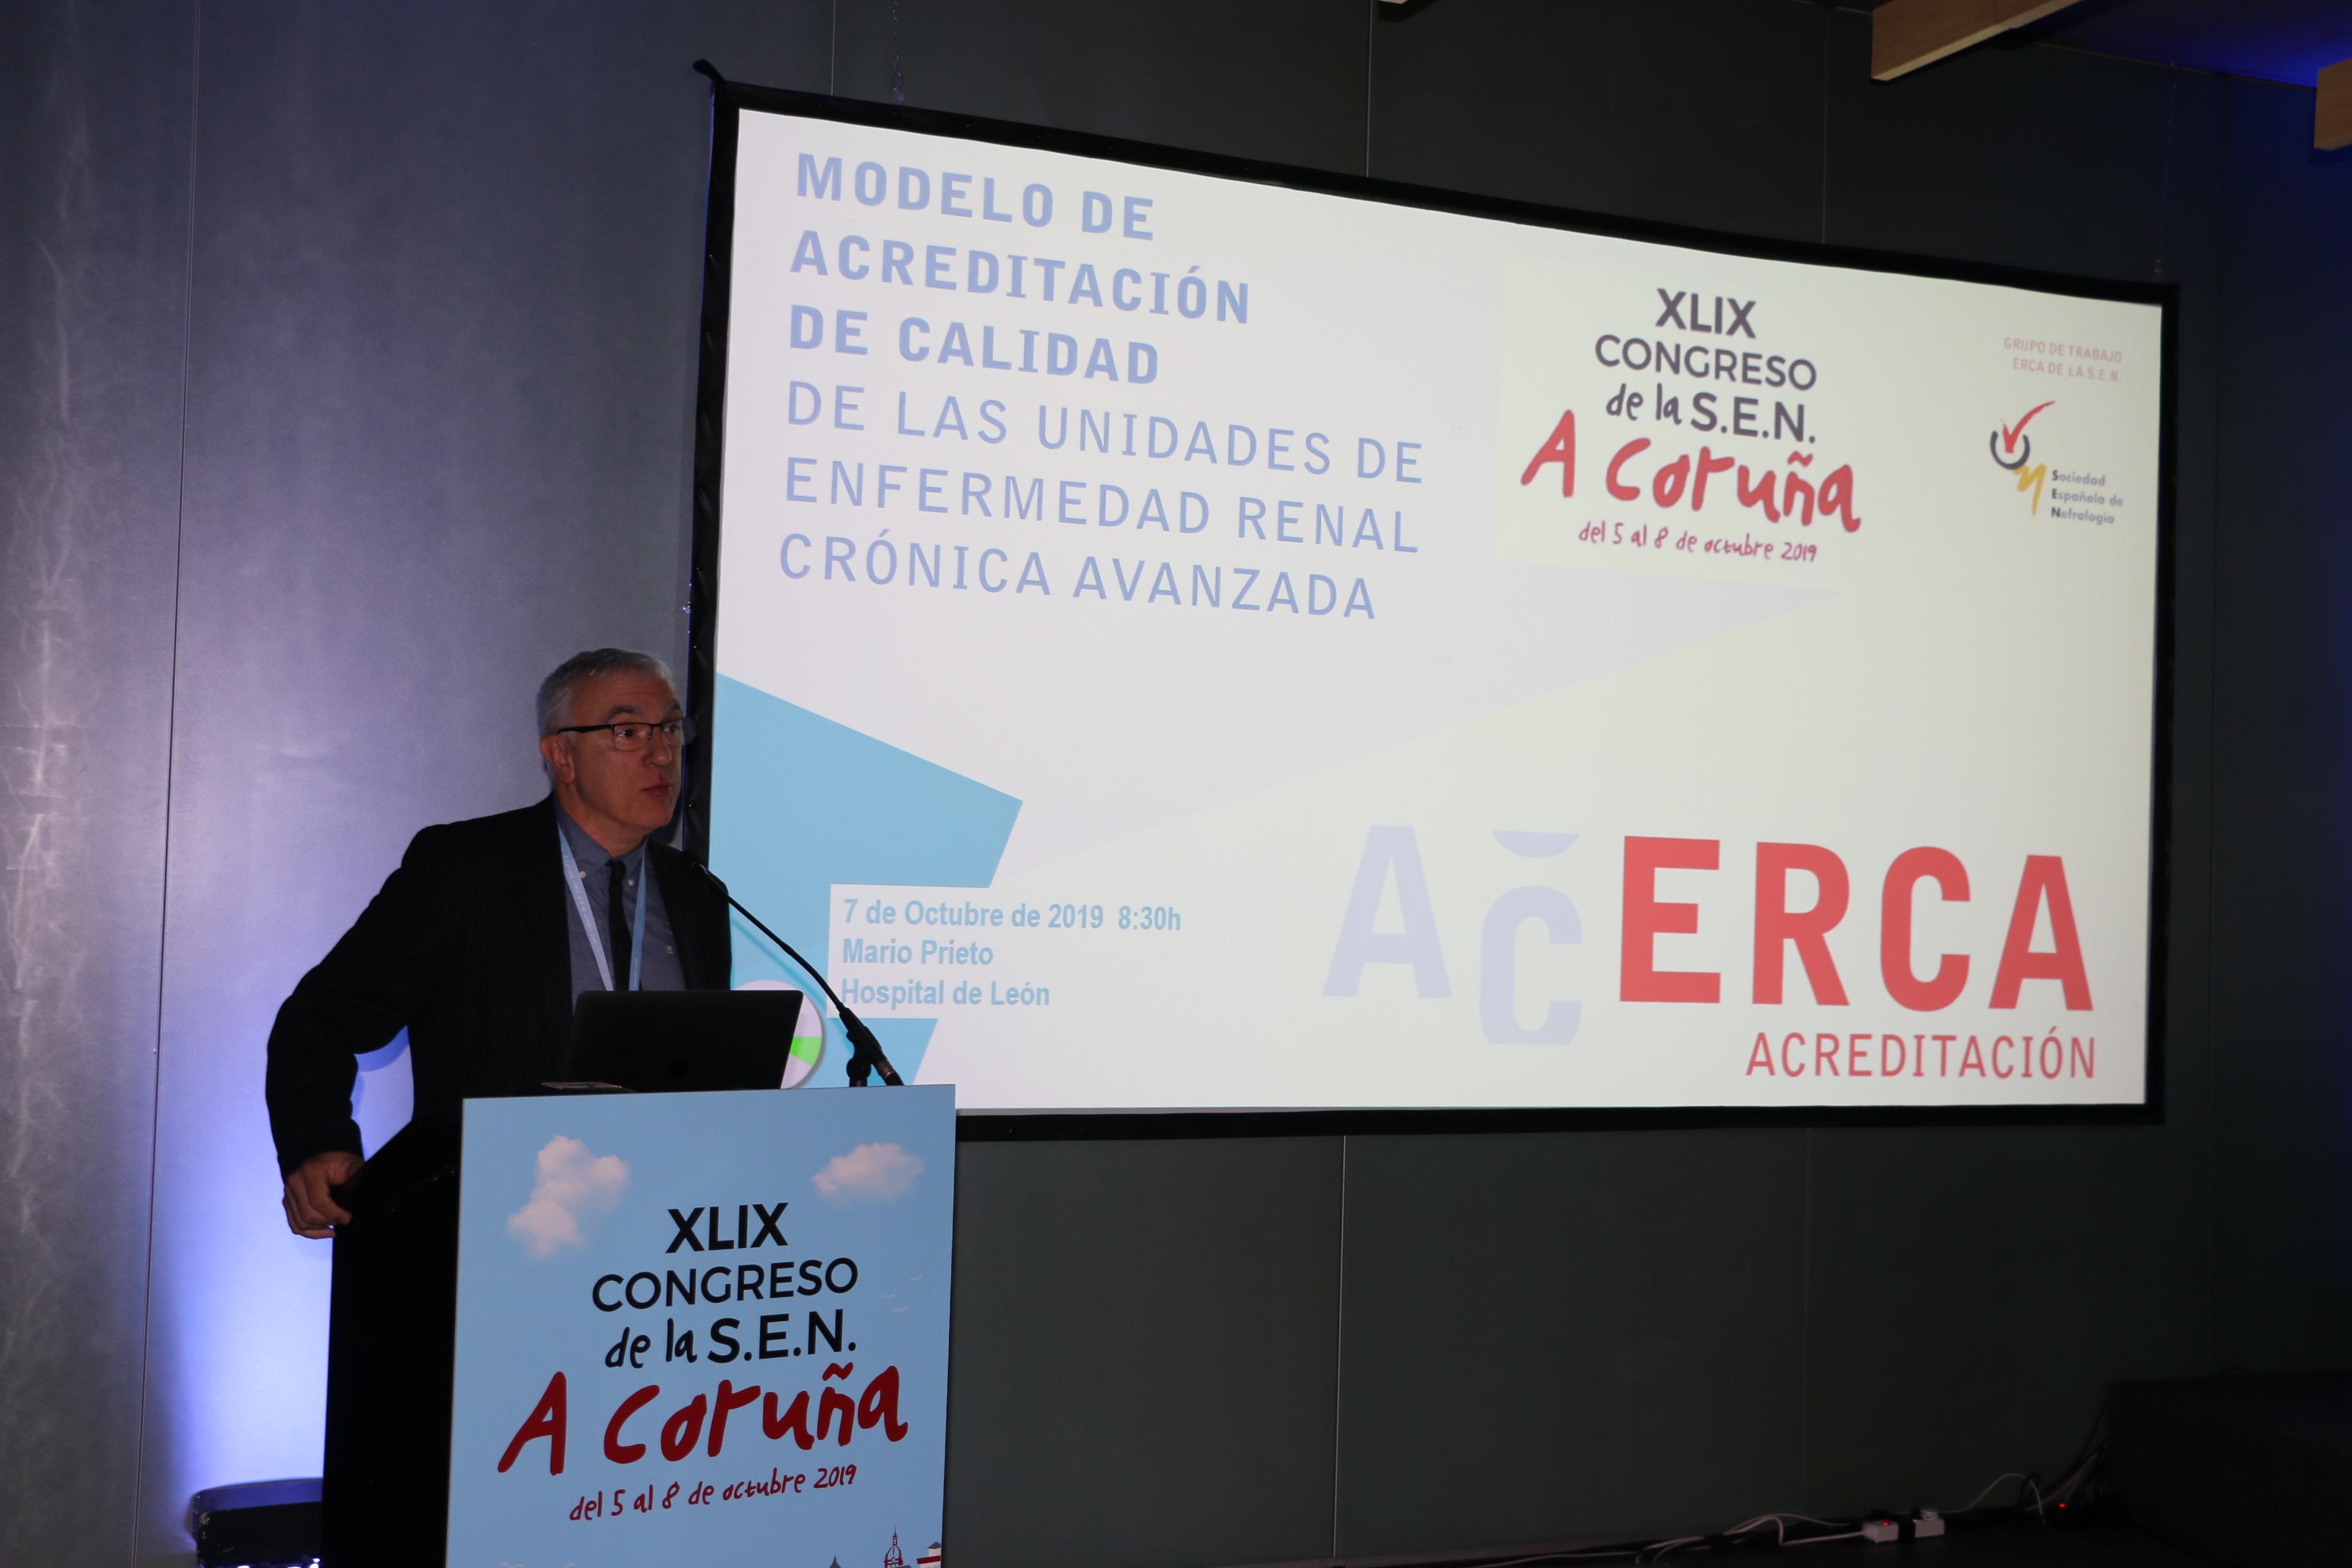 El Hospital Universitario Joan XXIII de Tarragona pilota, junto a otros 6 hospitales españoles, un modelo de excelencia para mejorar la atención al paciente con Enfermedad Renal Crónica Avanzada